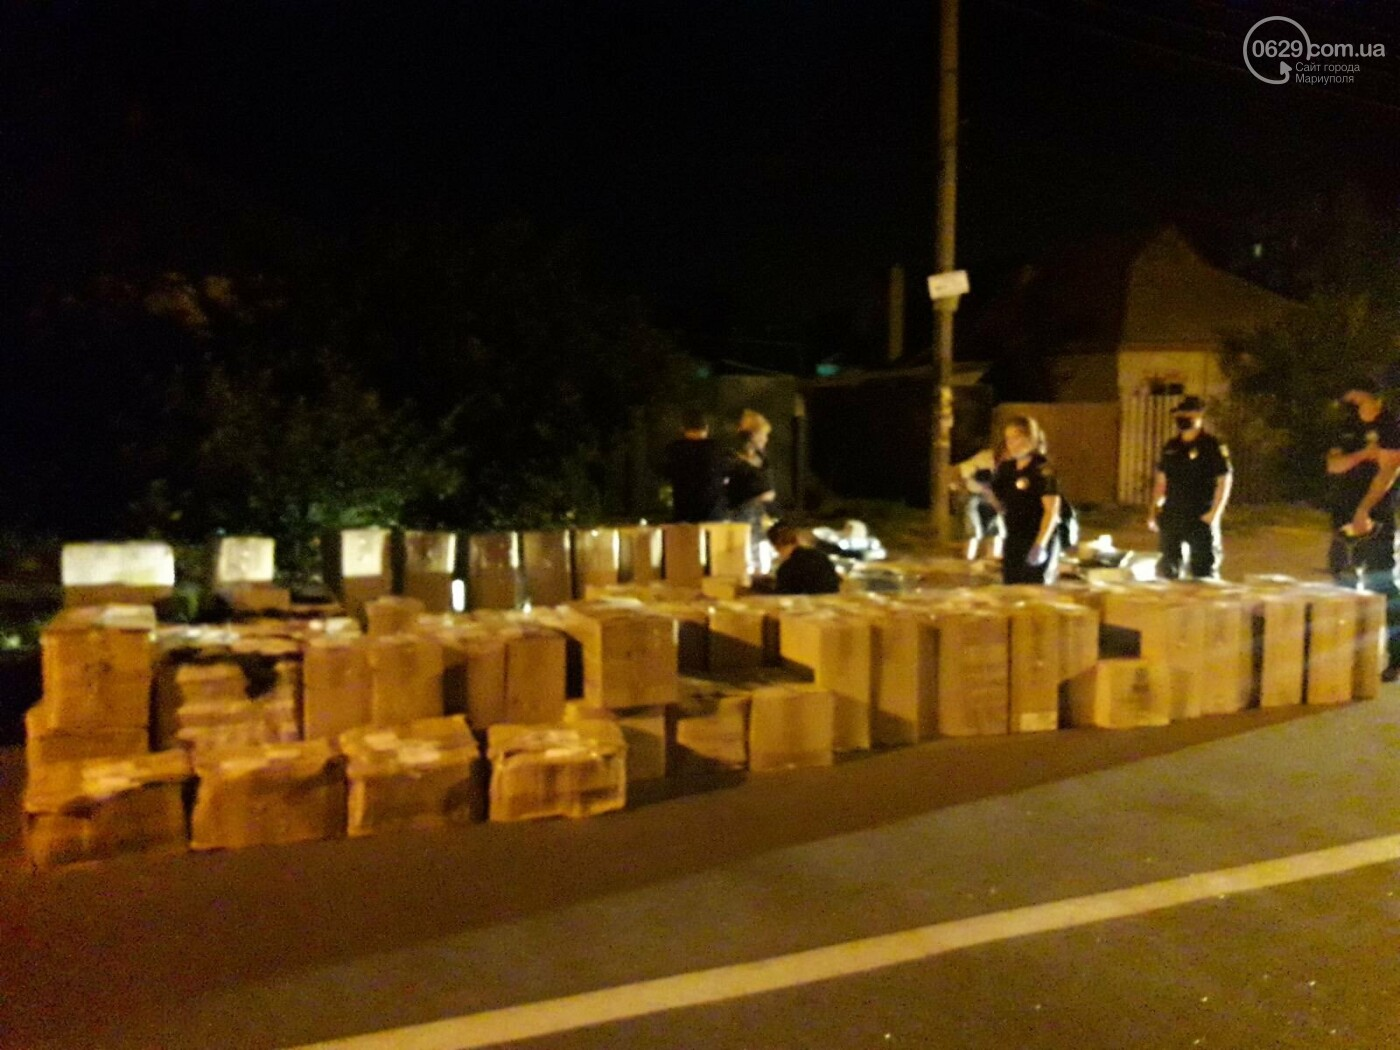 В Мариуполе автомобиль сбил полицейских, которые на дороге пересчитывали сигареты,- ФОТО, фото-3